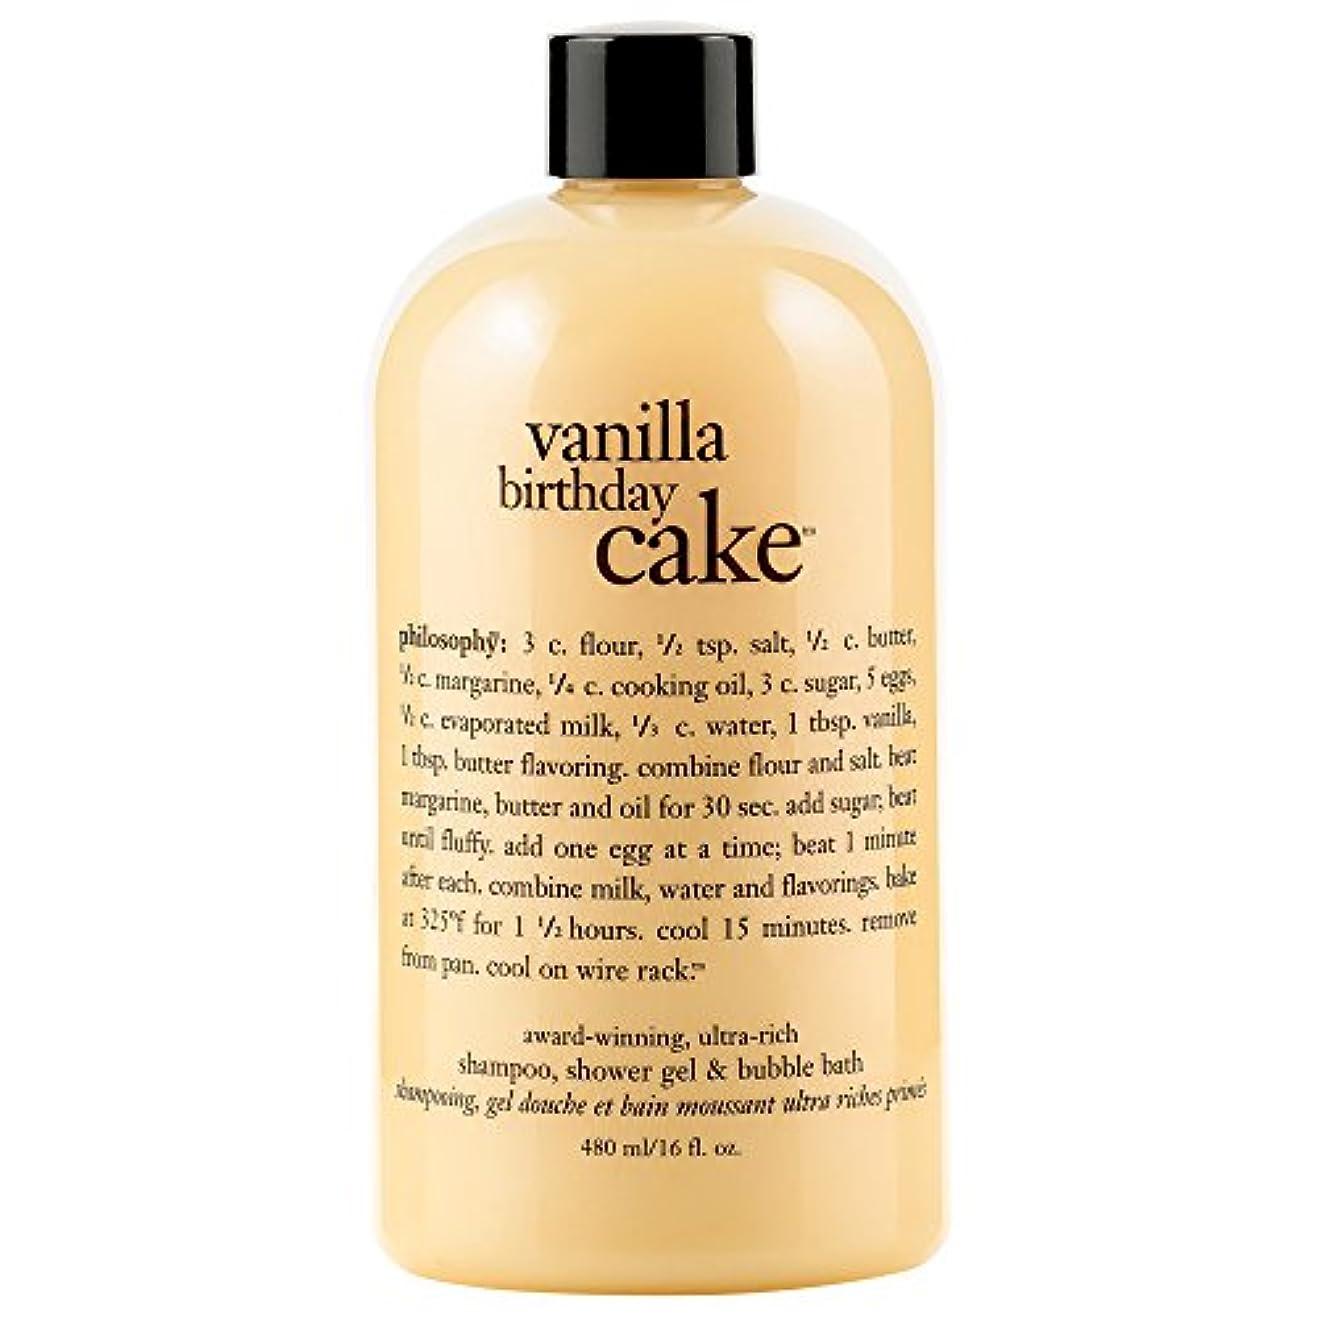 しかしながらとティーム上流の哲学バニラバースデーケーキシャンプー/シャワージェル/バブルバス480ミリリットル (Philosophy) (x2) - Philosophy Vanilla Birthday Cake Shampoo/Shower...